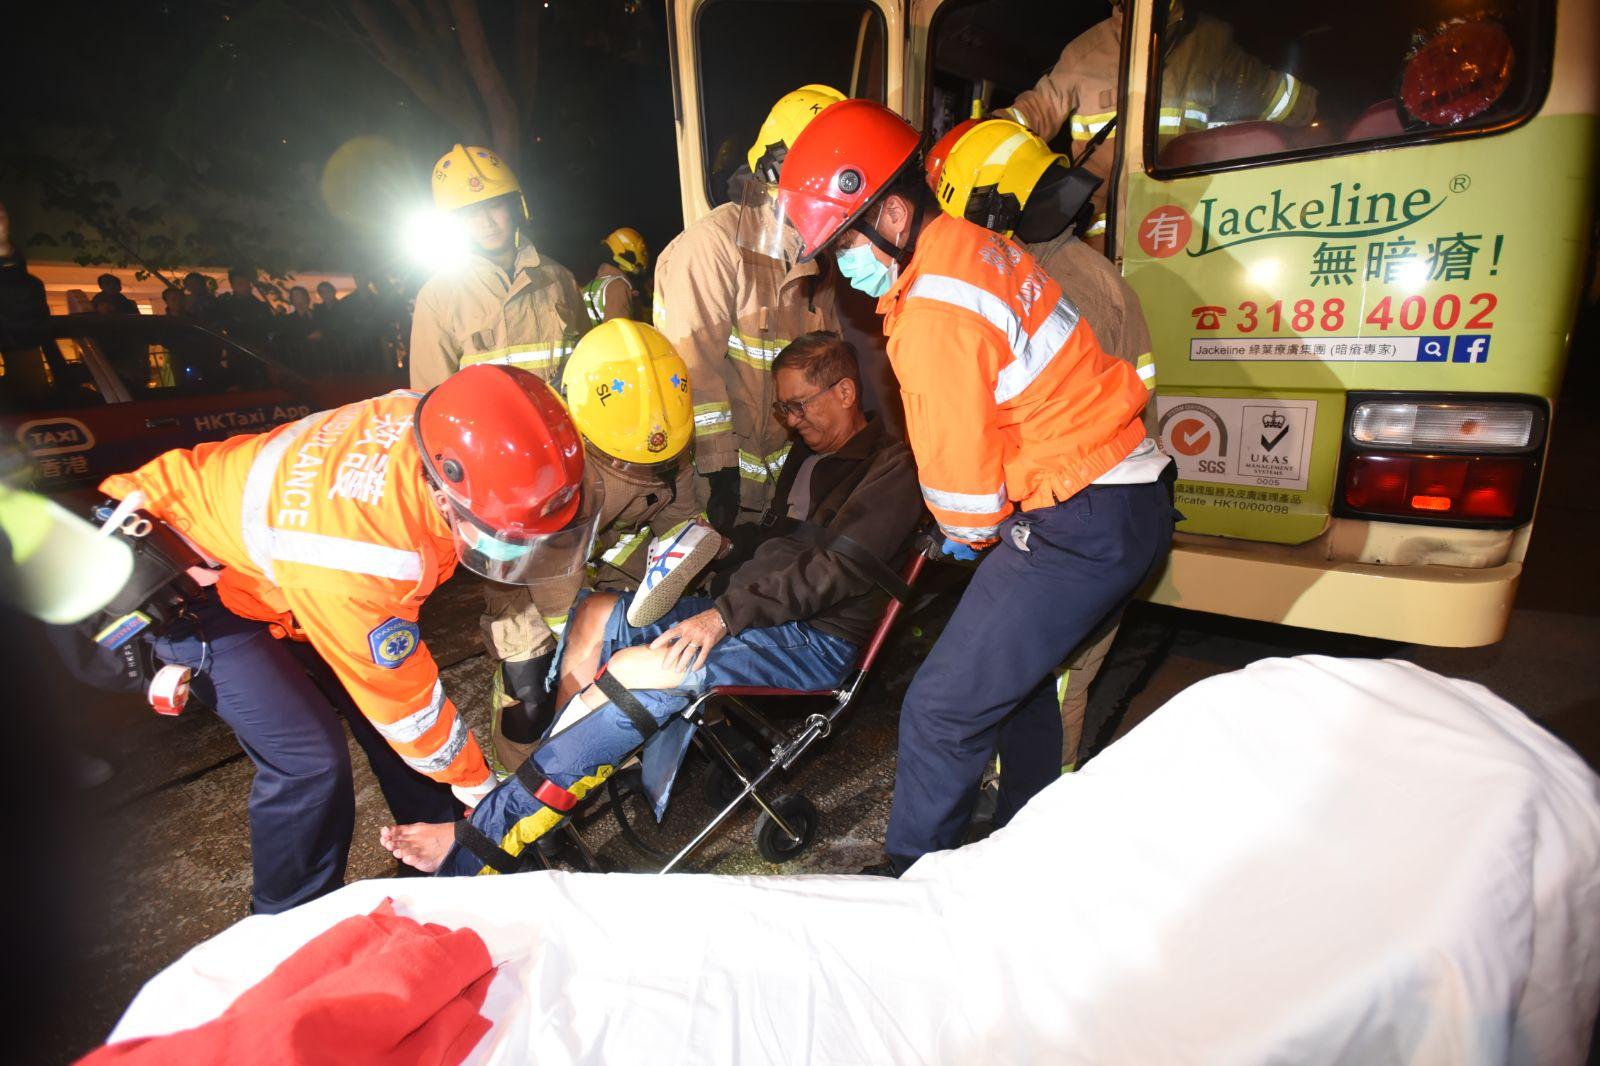 意外中共14人受傷。